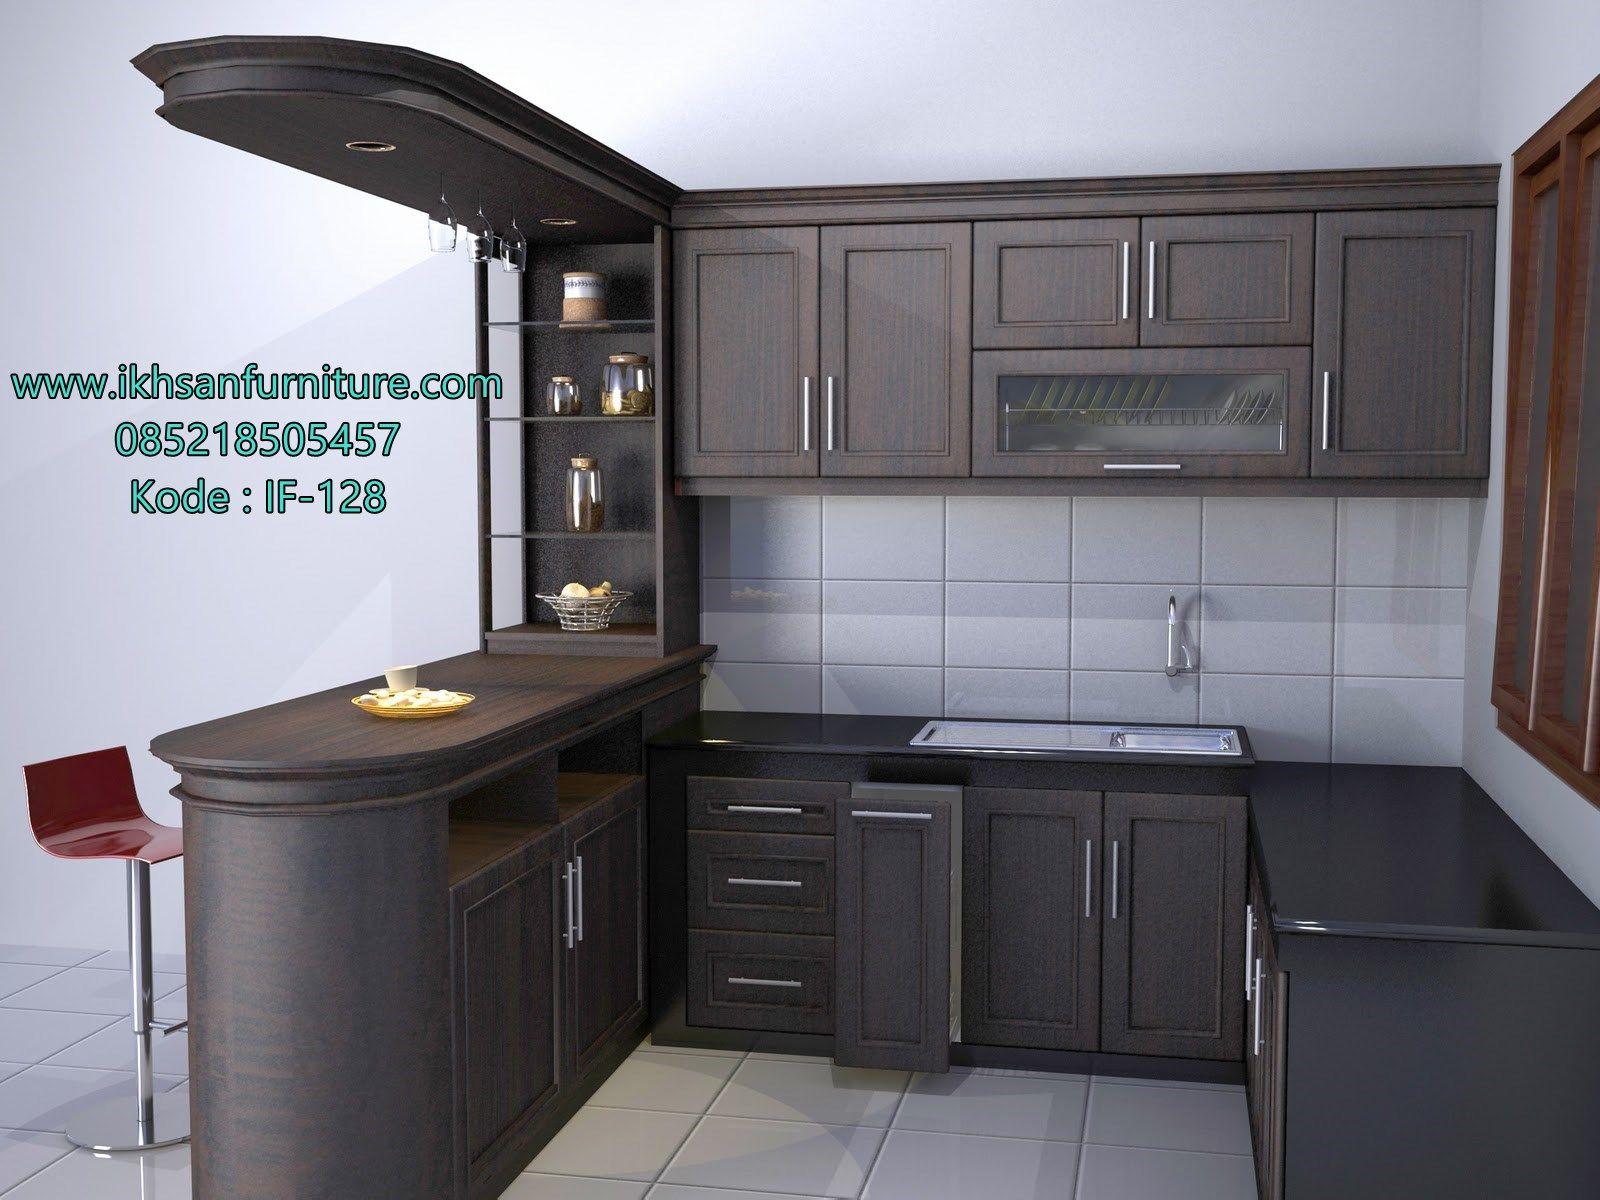 kitchen furniture sets rags jual set minimalis elegan model